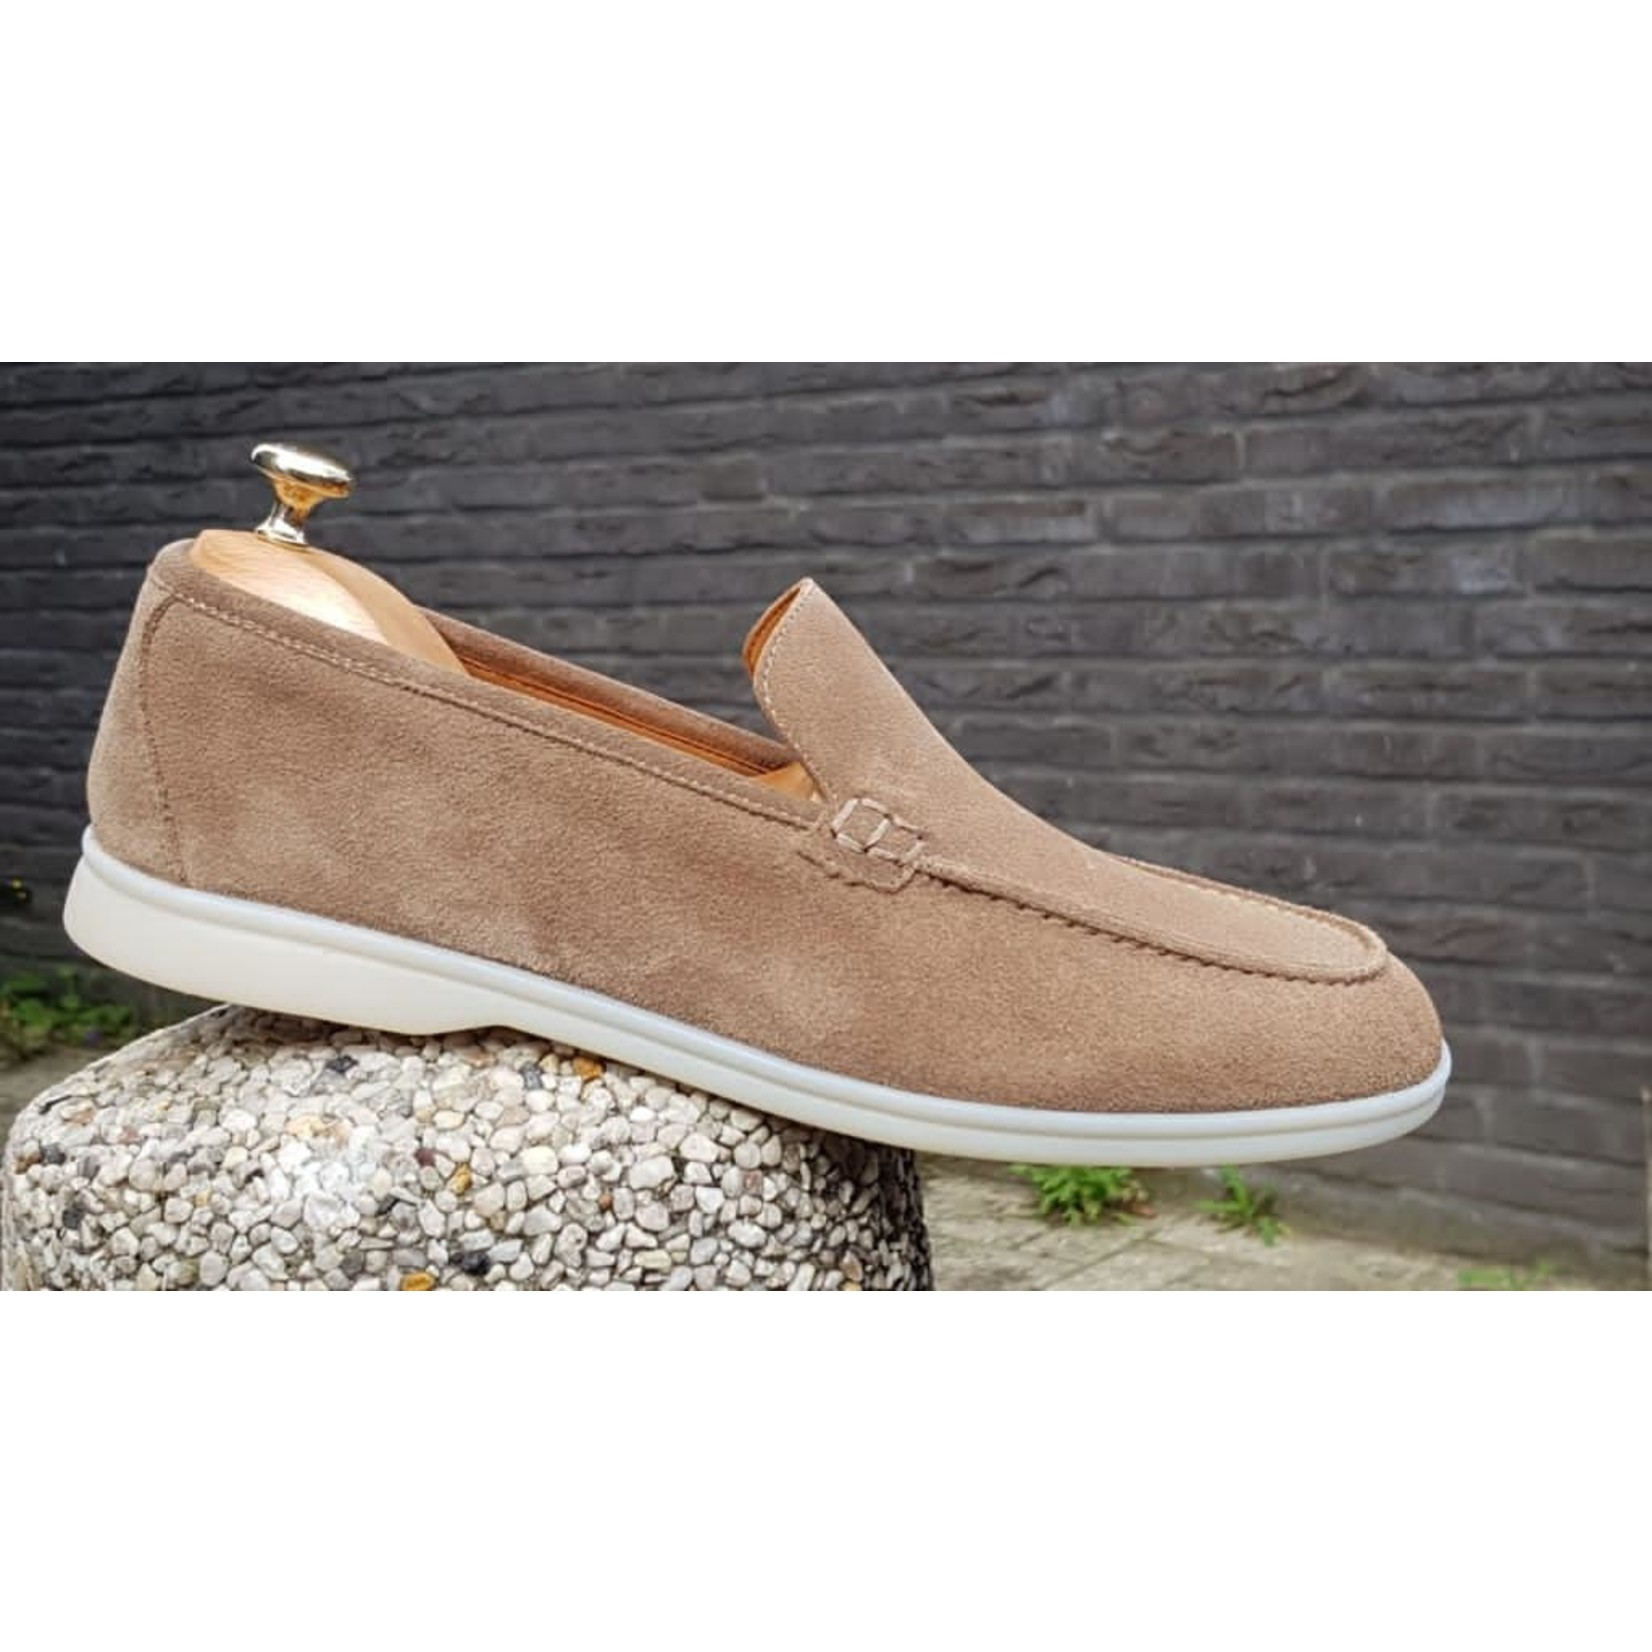 HON low top suede schoenen beige